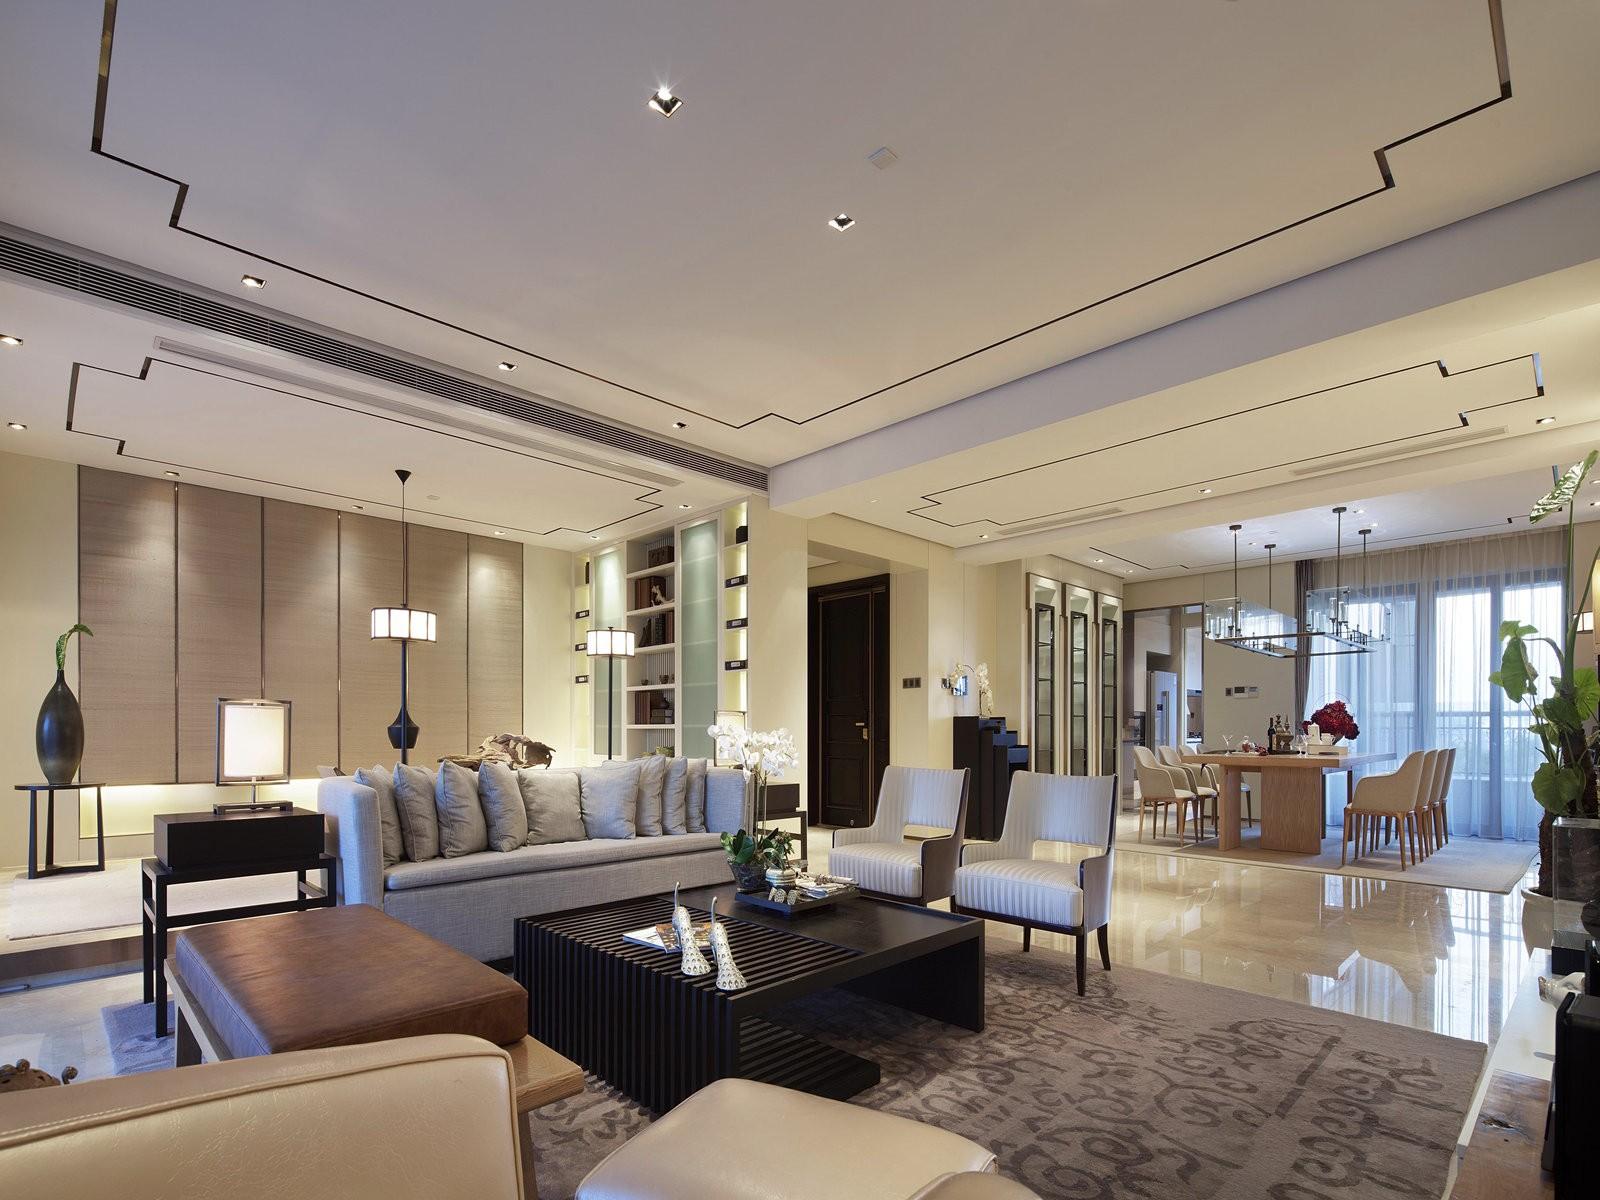 2020現代中式240平米裝修圖片 2020現代中式四居室裝修圖